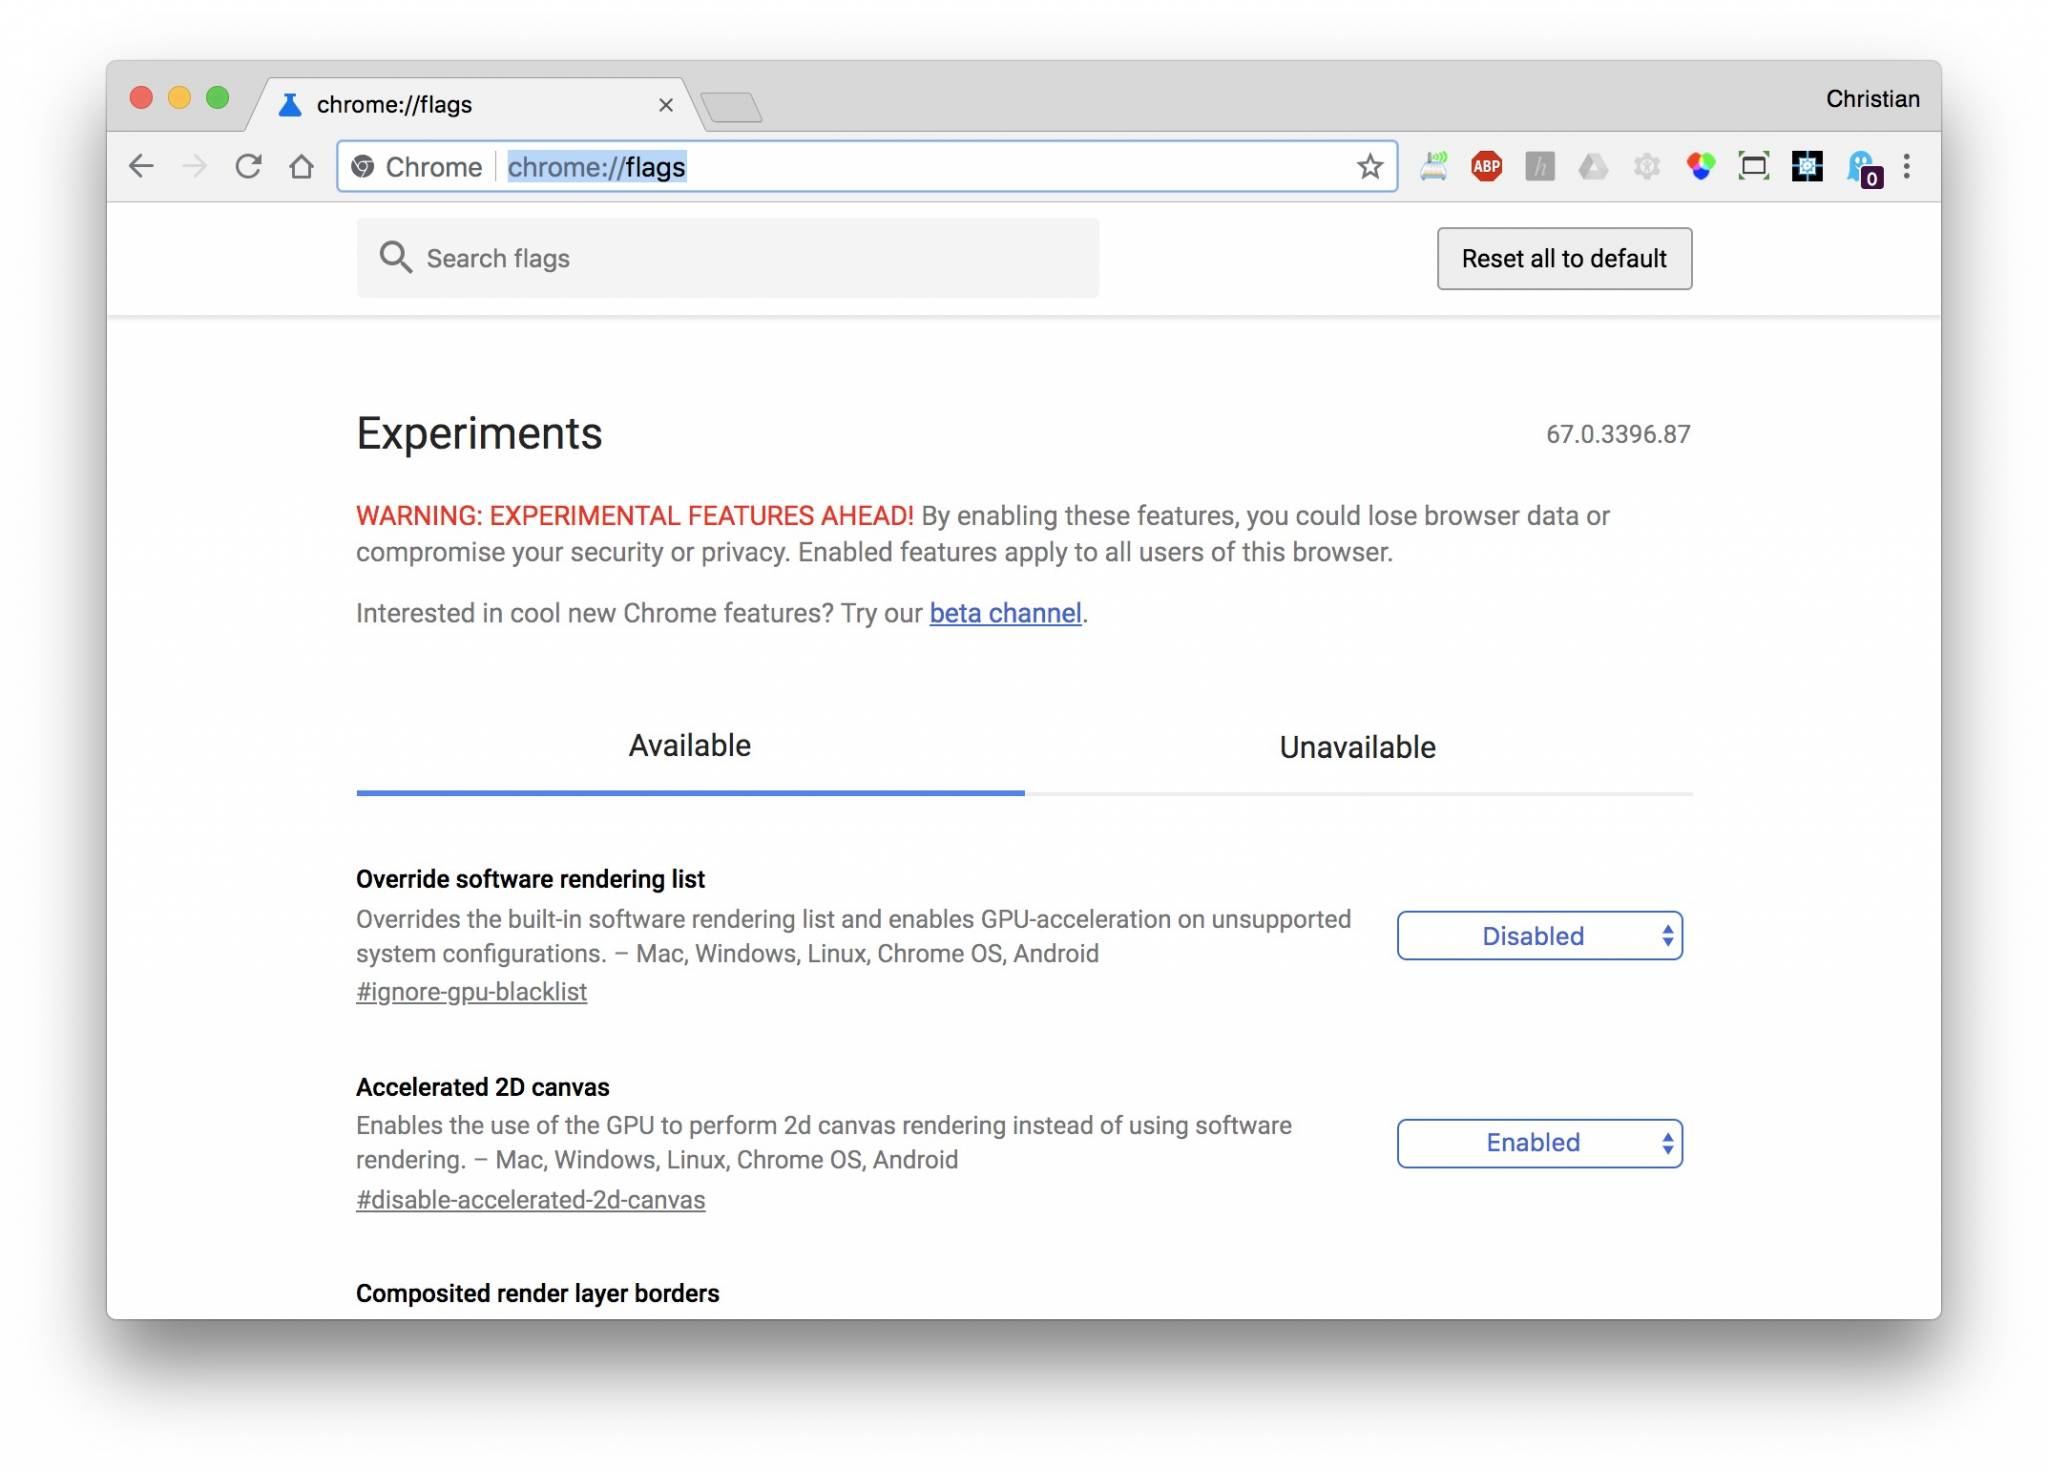 Die experimentellen Chrome-Features bieten volle Kontrolle über Chrome.